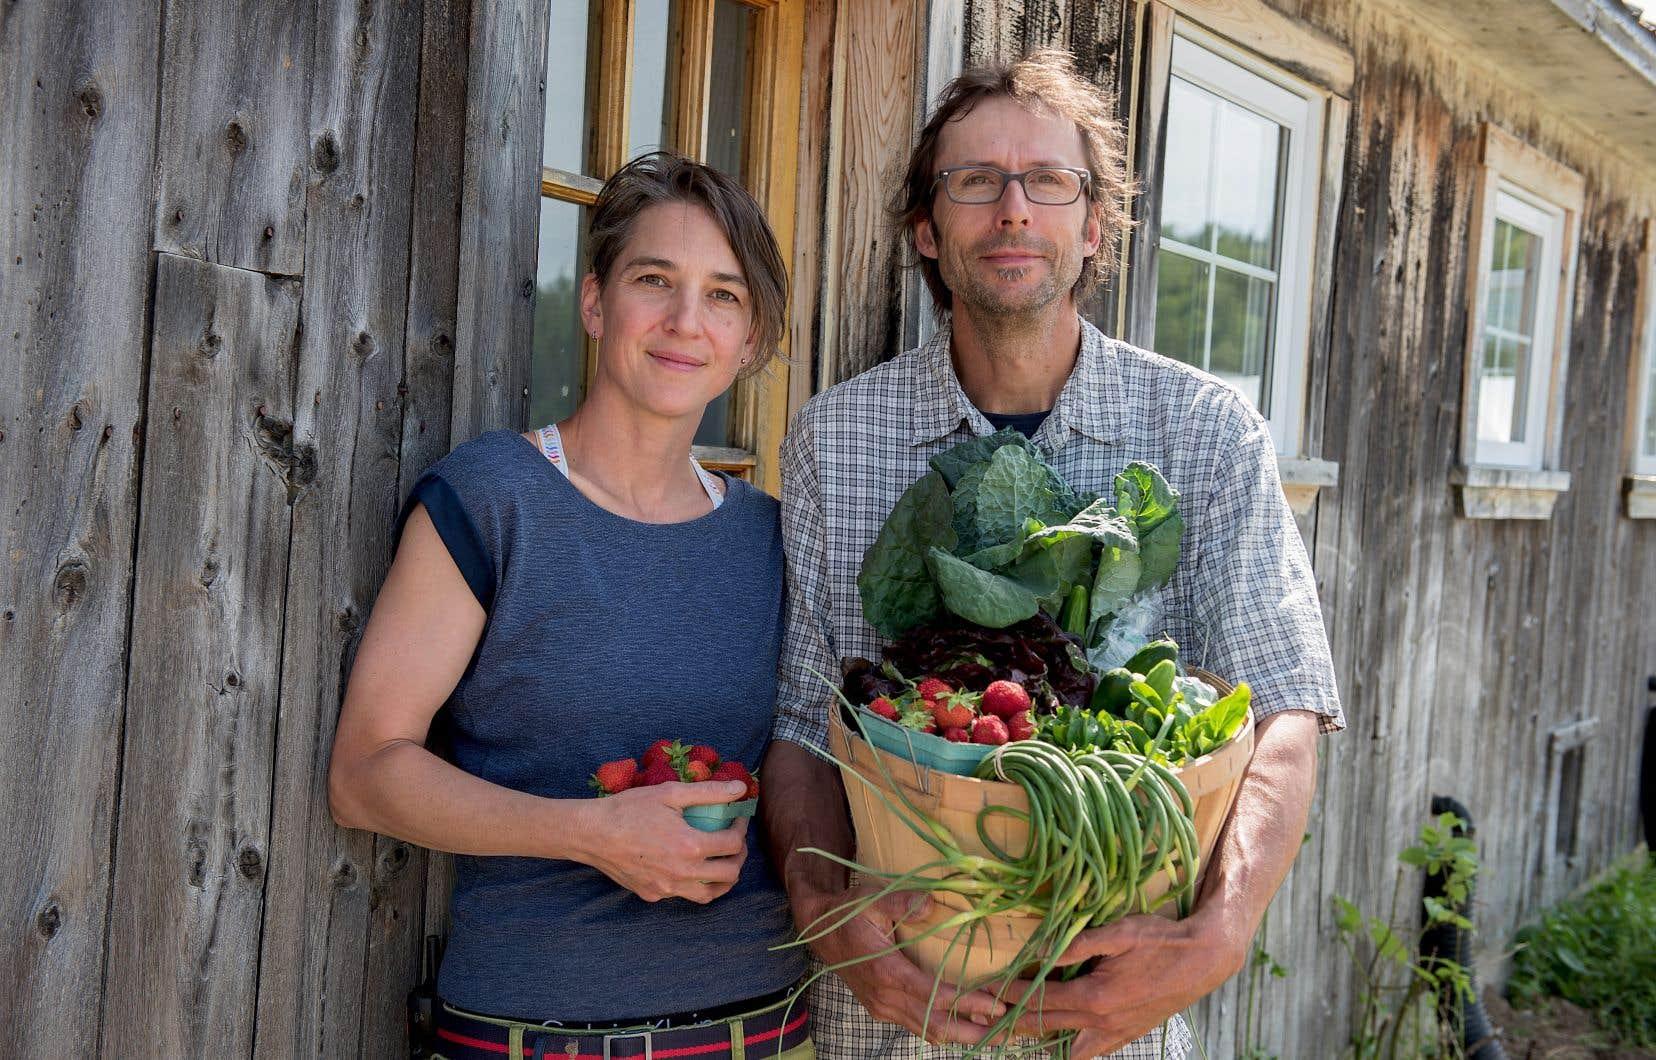 Accompagné de son amoureuse, Laurence Fischer, le maraîcher Donald Dubé veut amener la société à changer sa façon de voir la chaîne agroalimentaire.